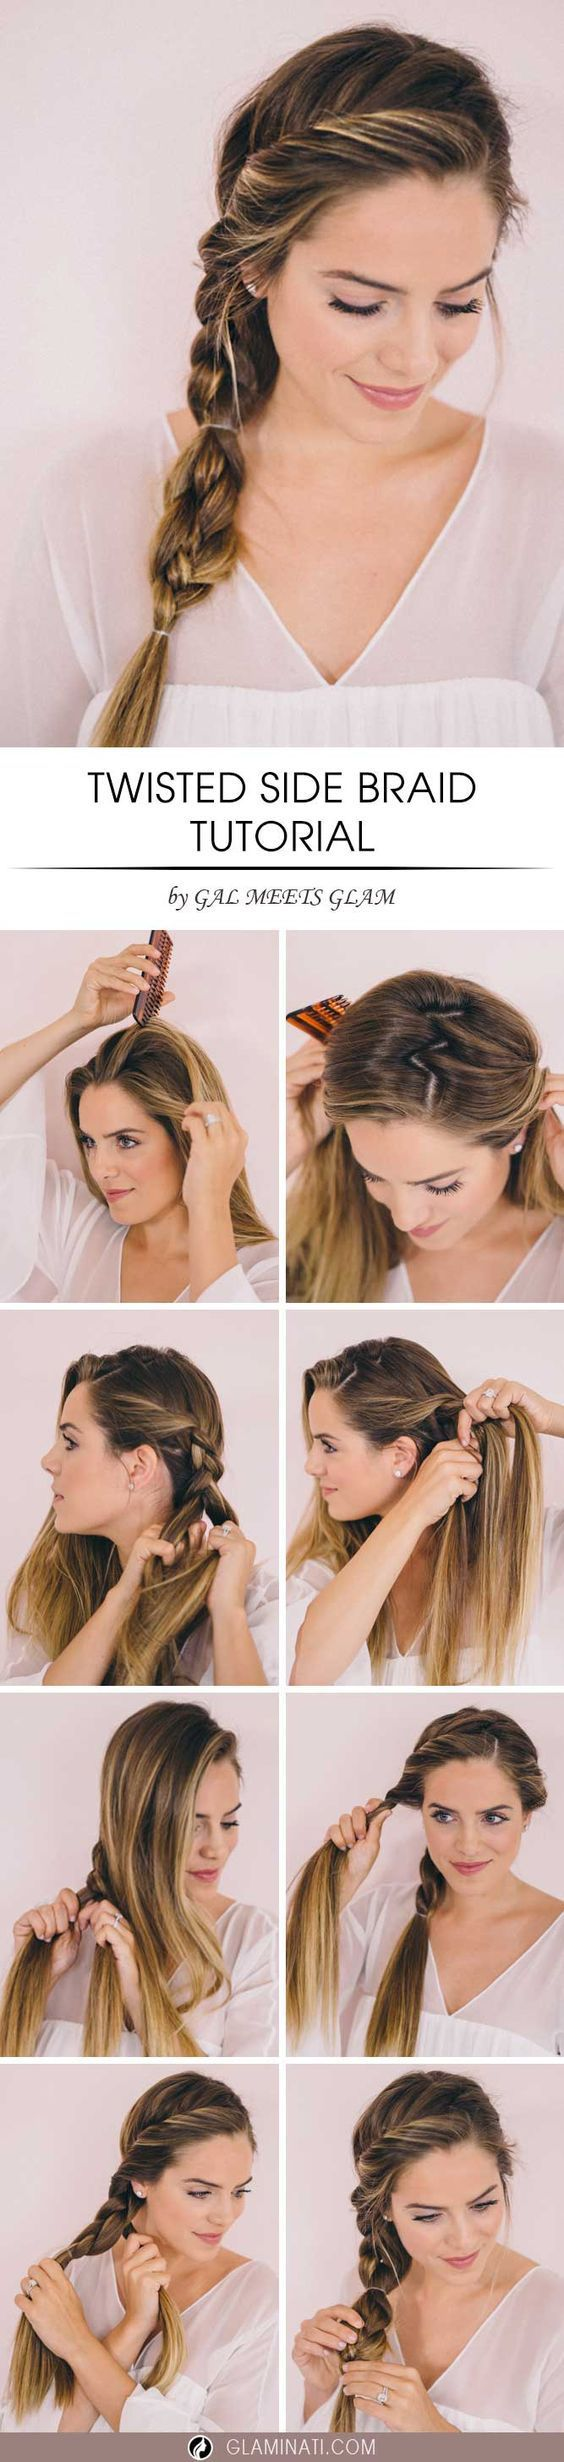 peinados rápidos para no perder el tiempo peinándote en